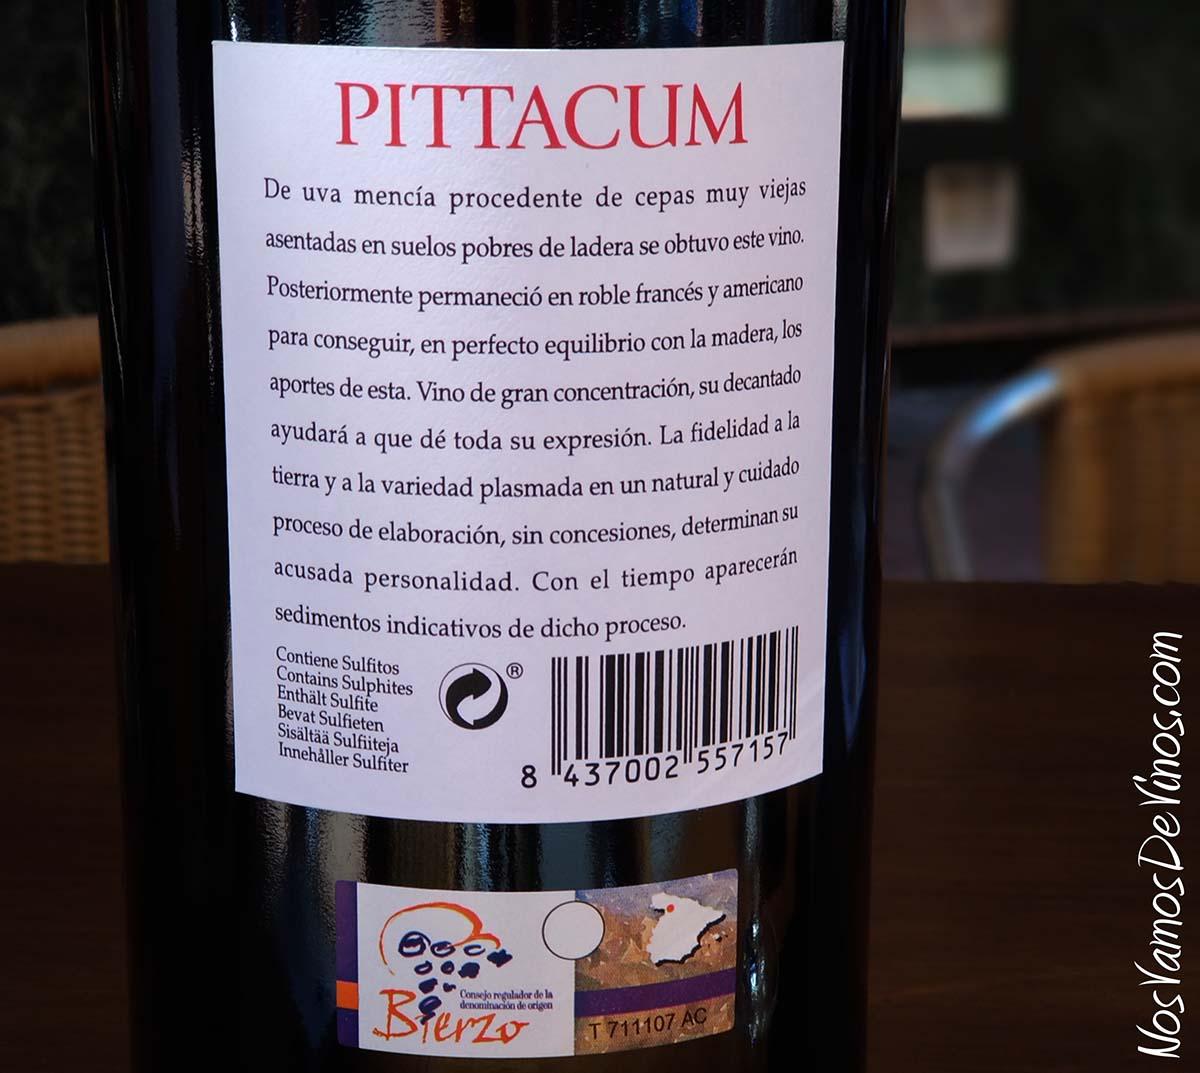 Pittacum 2009 Etiqueta Trasera